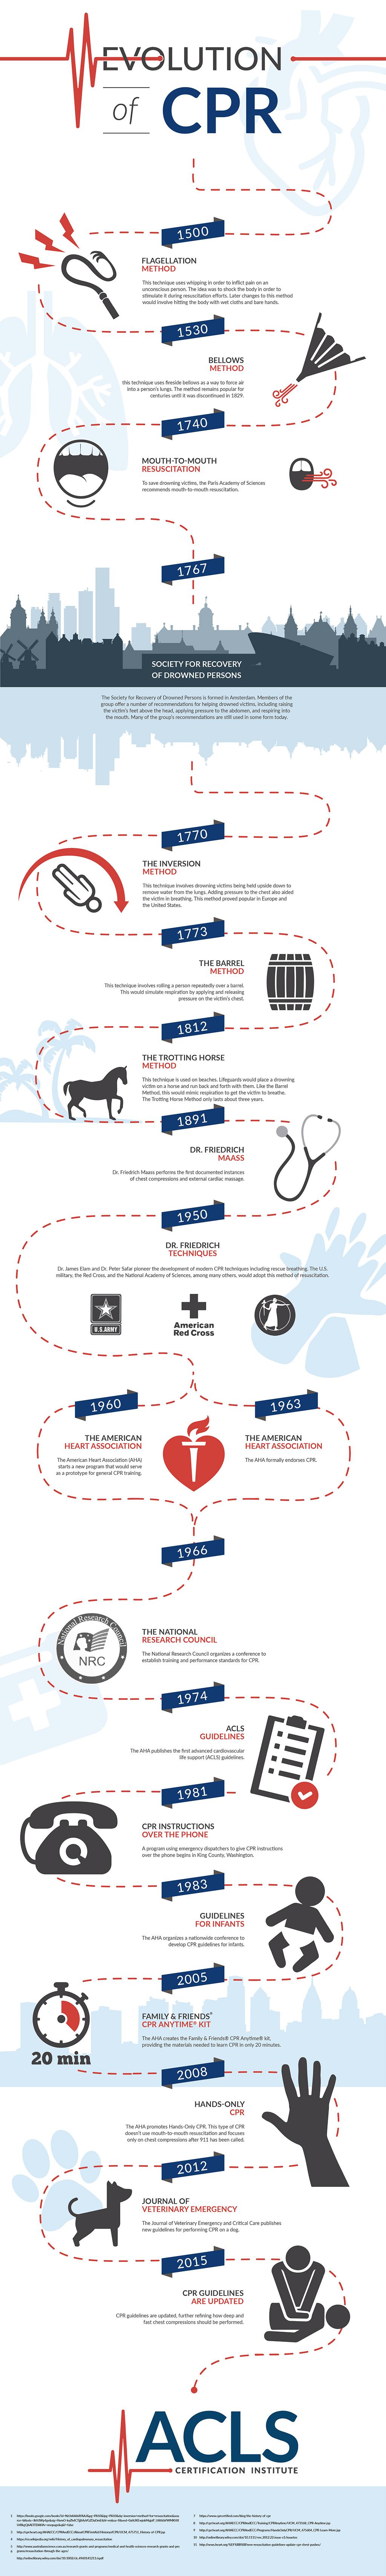 Evolution of CPR